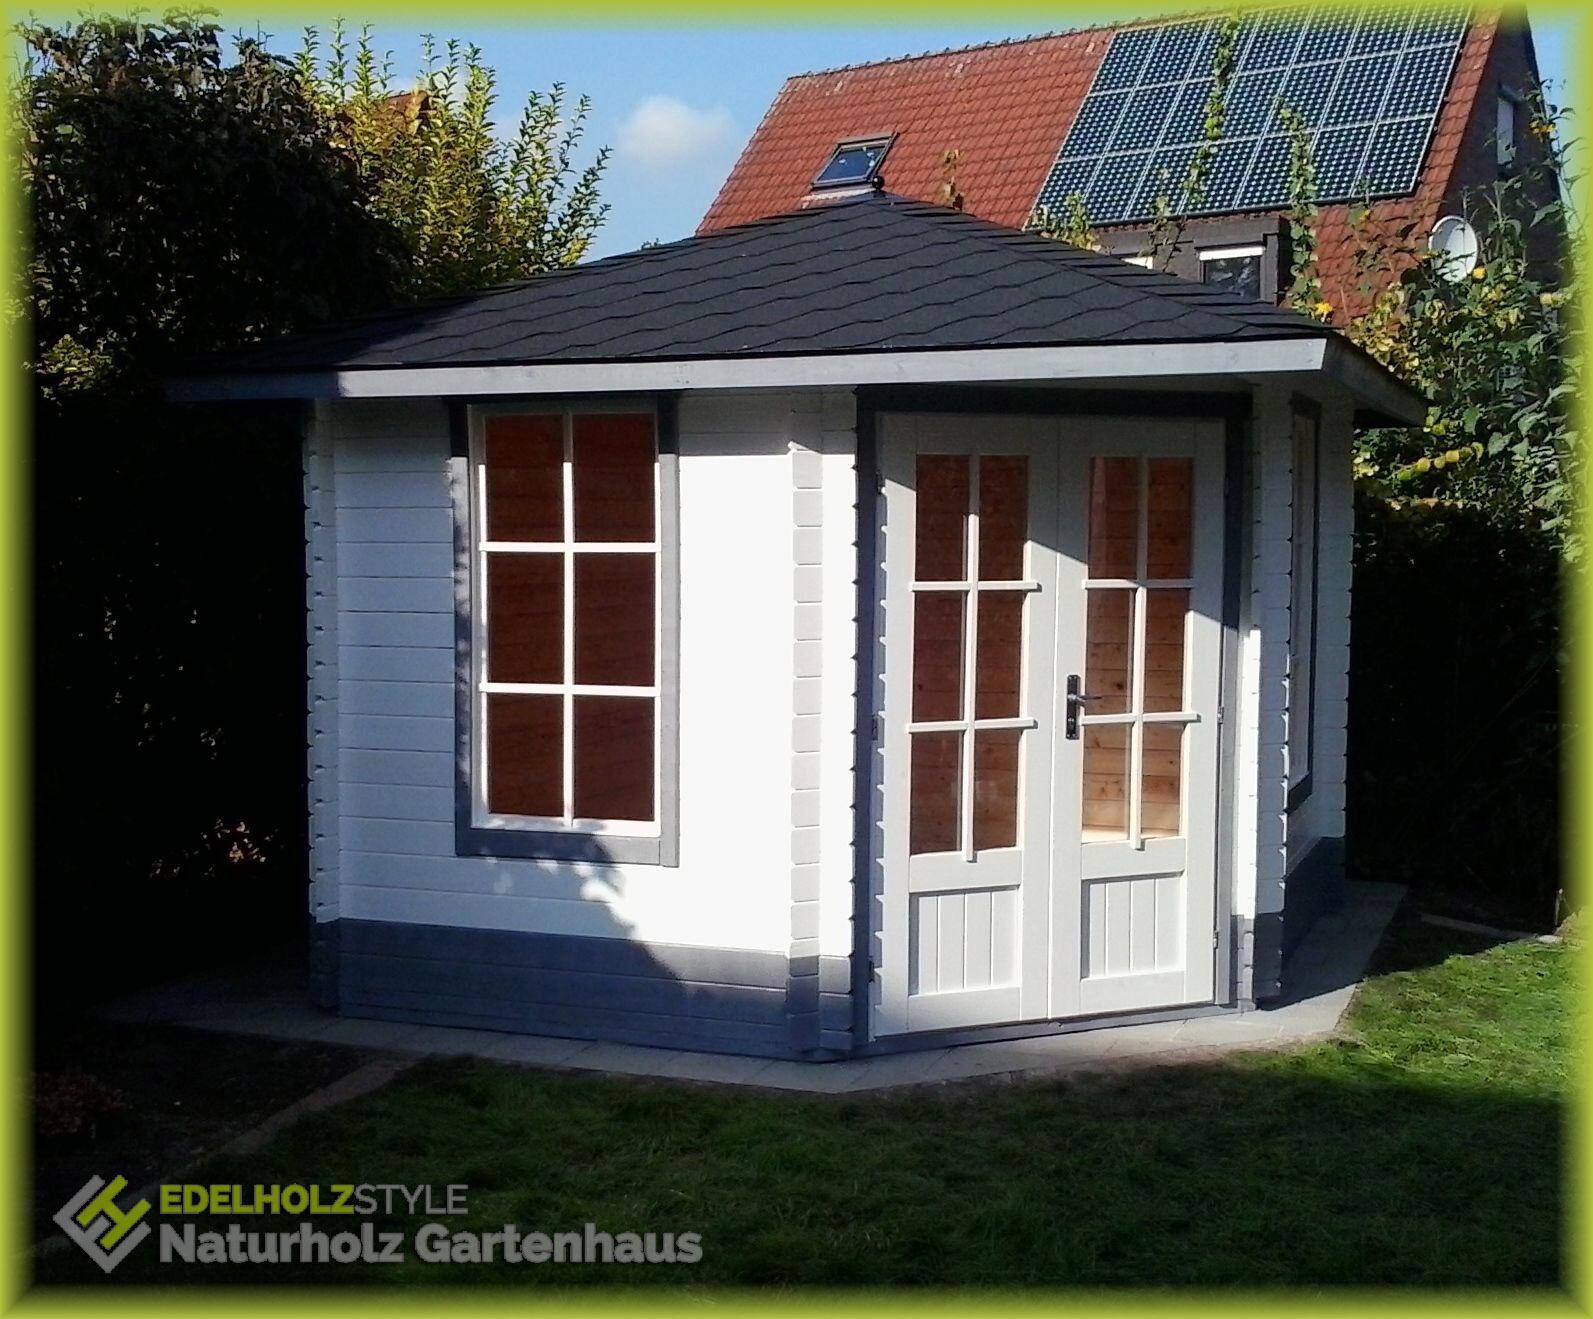 Gartenhaus Mit Fußboden 28mm ~ Gartenhaus m m vordach gerätehaus alex mit mm fußboden